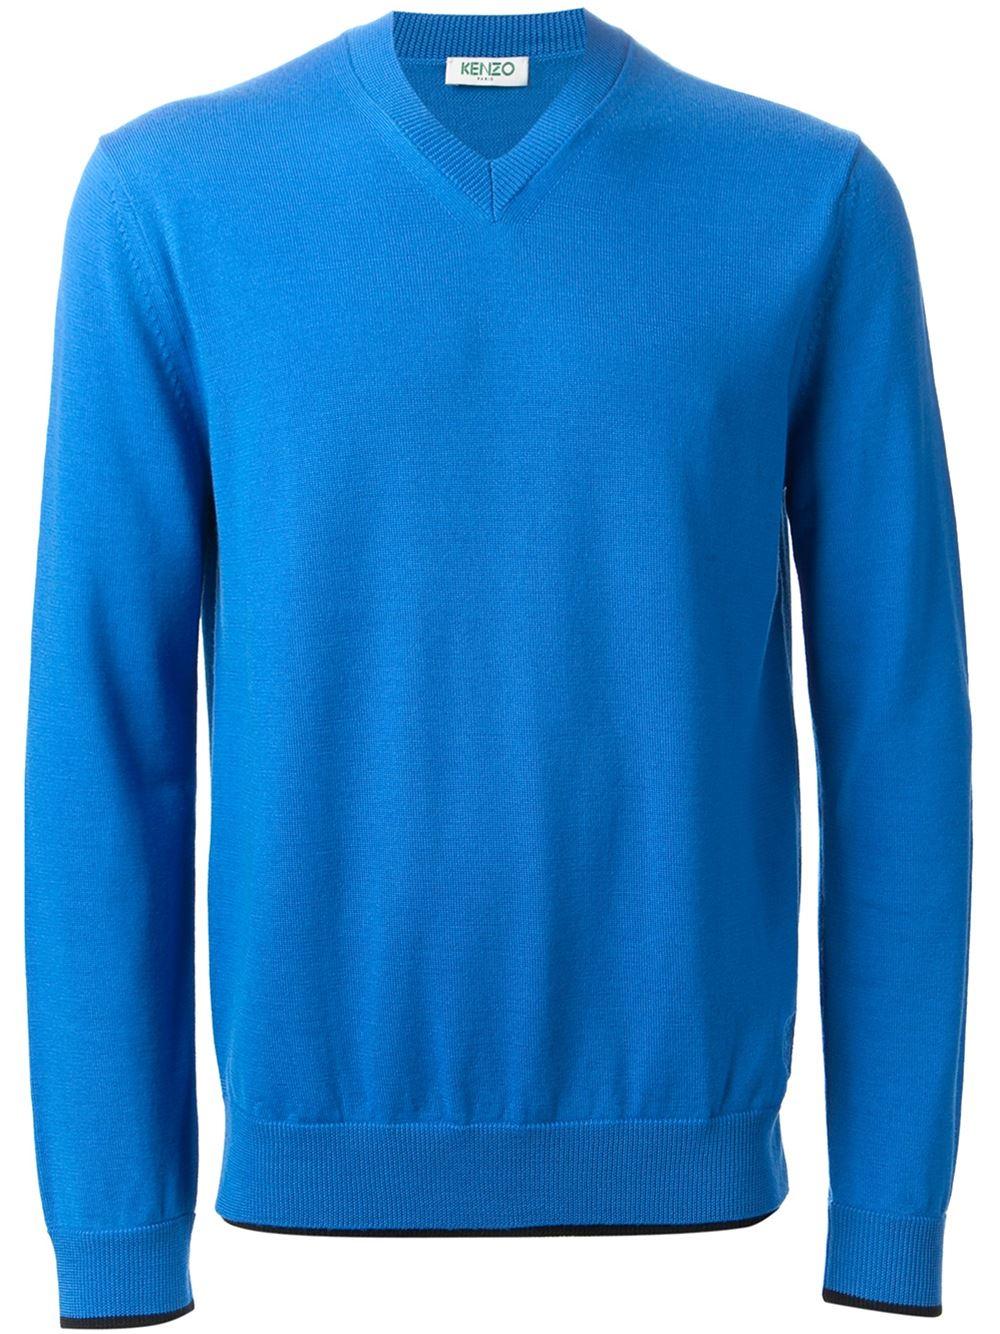 kenzo v neck sweater in blue for men lyst. Black Bedroom Furniture Sets. Home Design Ideas